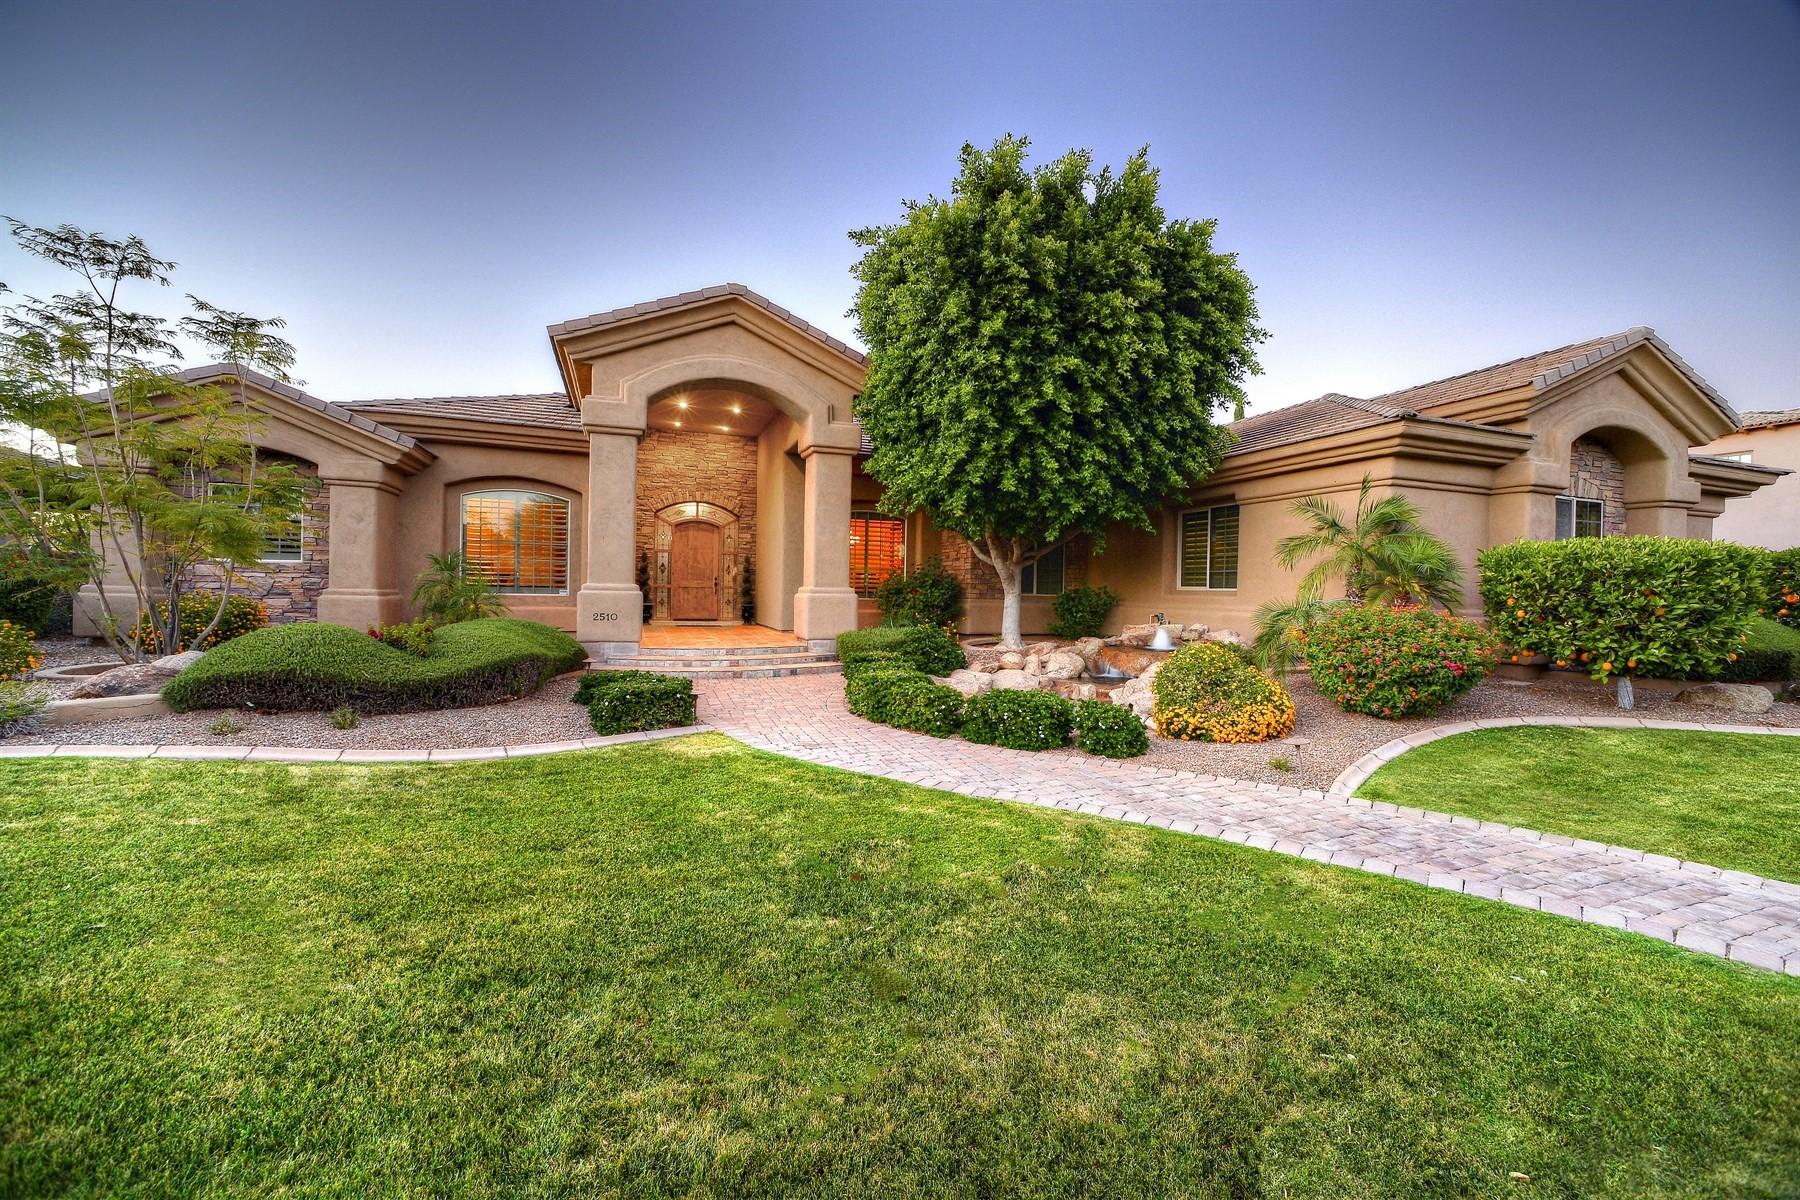 Maison unifamiliale pour l Vente à Outstanding custom home in the prestigious enclave of Glenwood Parke 2510 E Minton St Mesa, Arizona, 85213 États-Unis